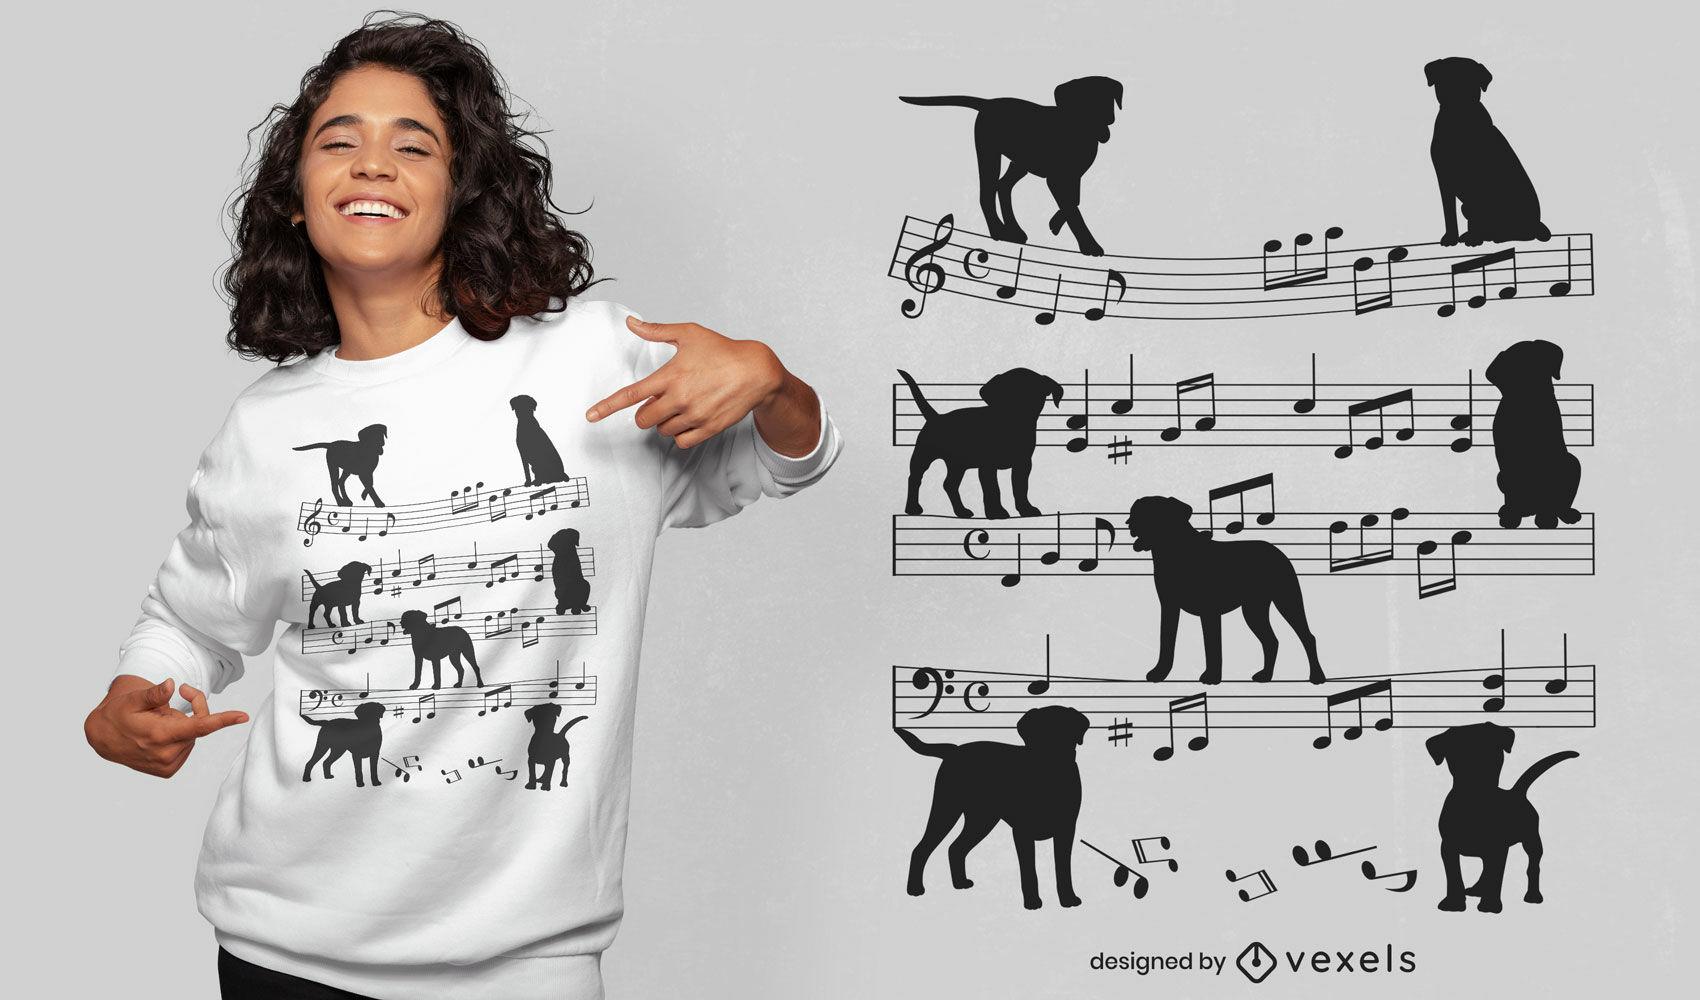 Perros en diseño de camiseta de hoja de notas musicales.